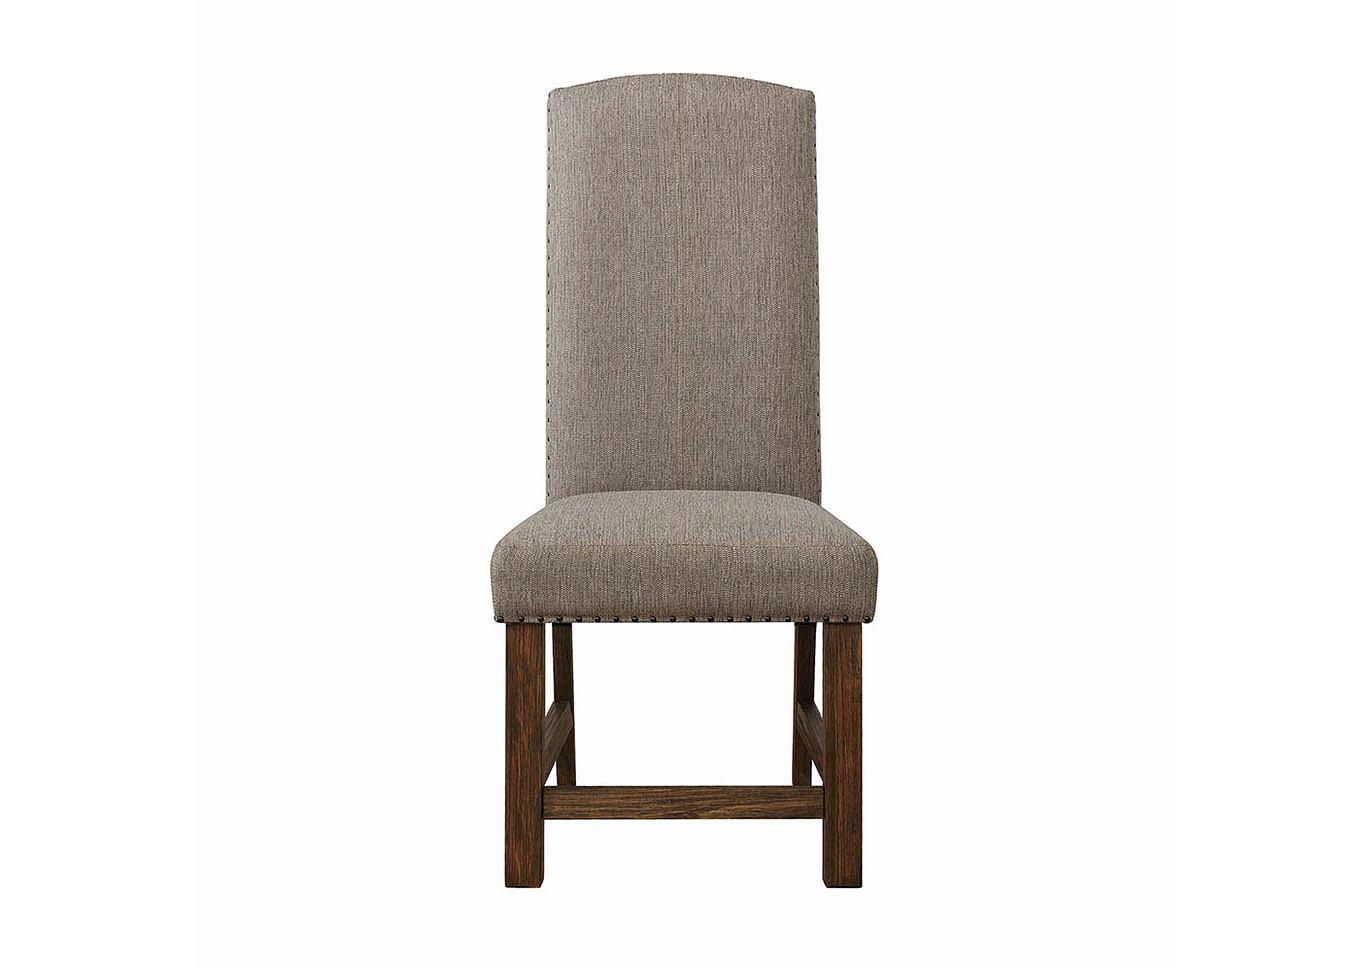 Merveilleux Vintage Bourbon Parson Chair (2 Pack),Coaster Furniture